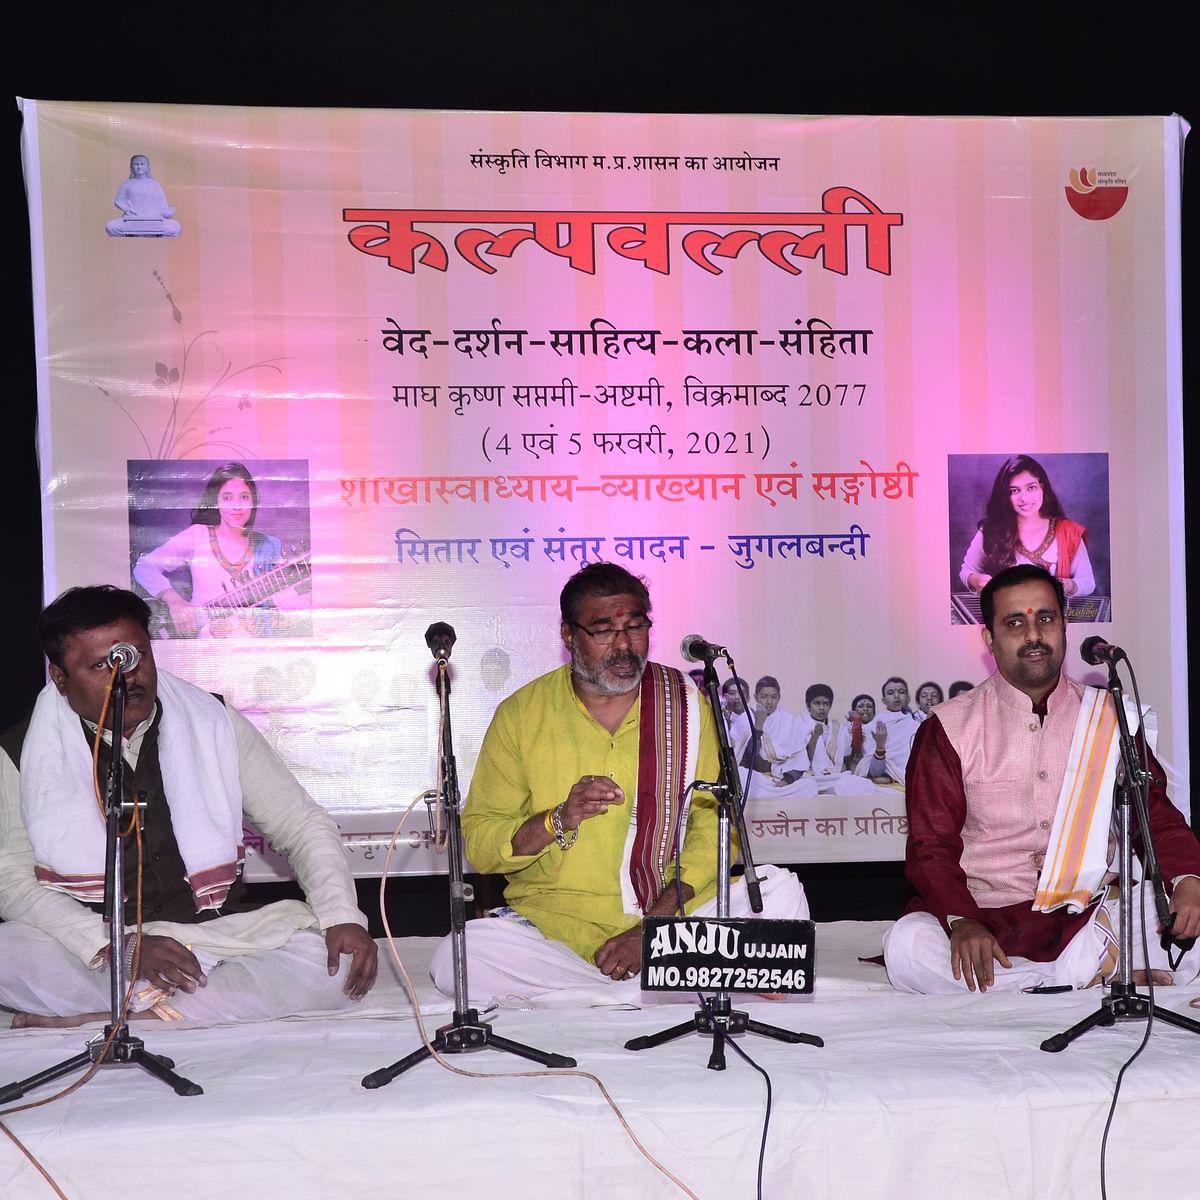 Ujjain: Kalpvalli, a seminar on Vedas and Upnishad inaugurated